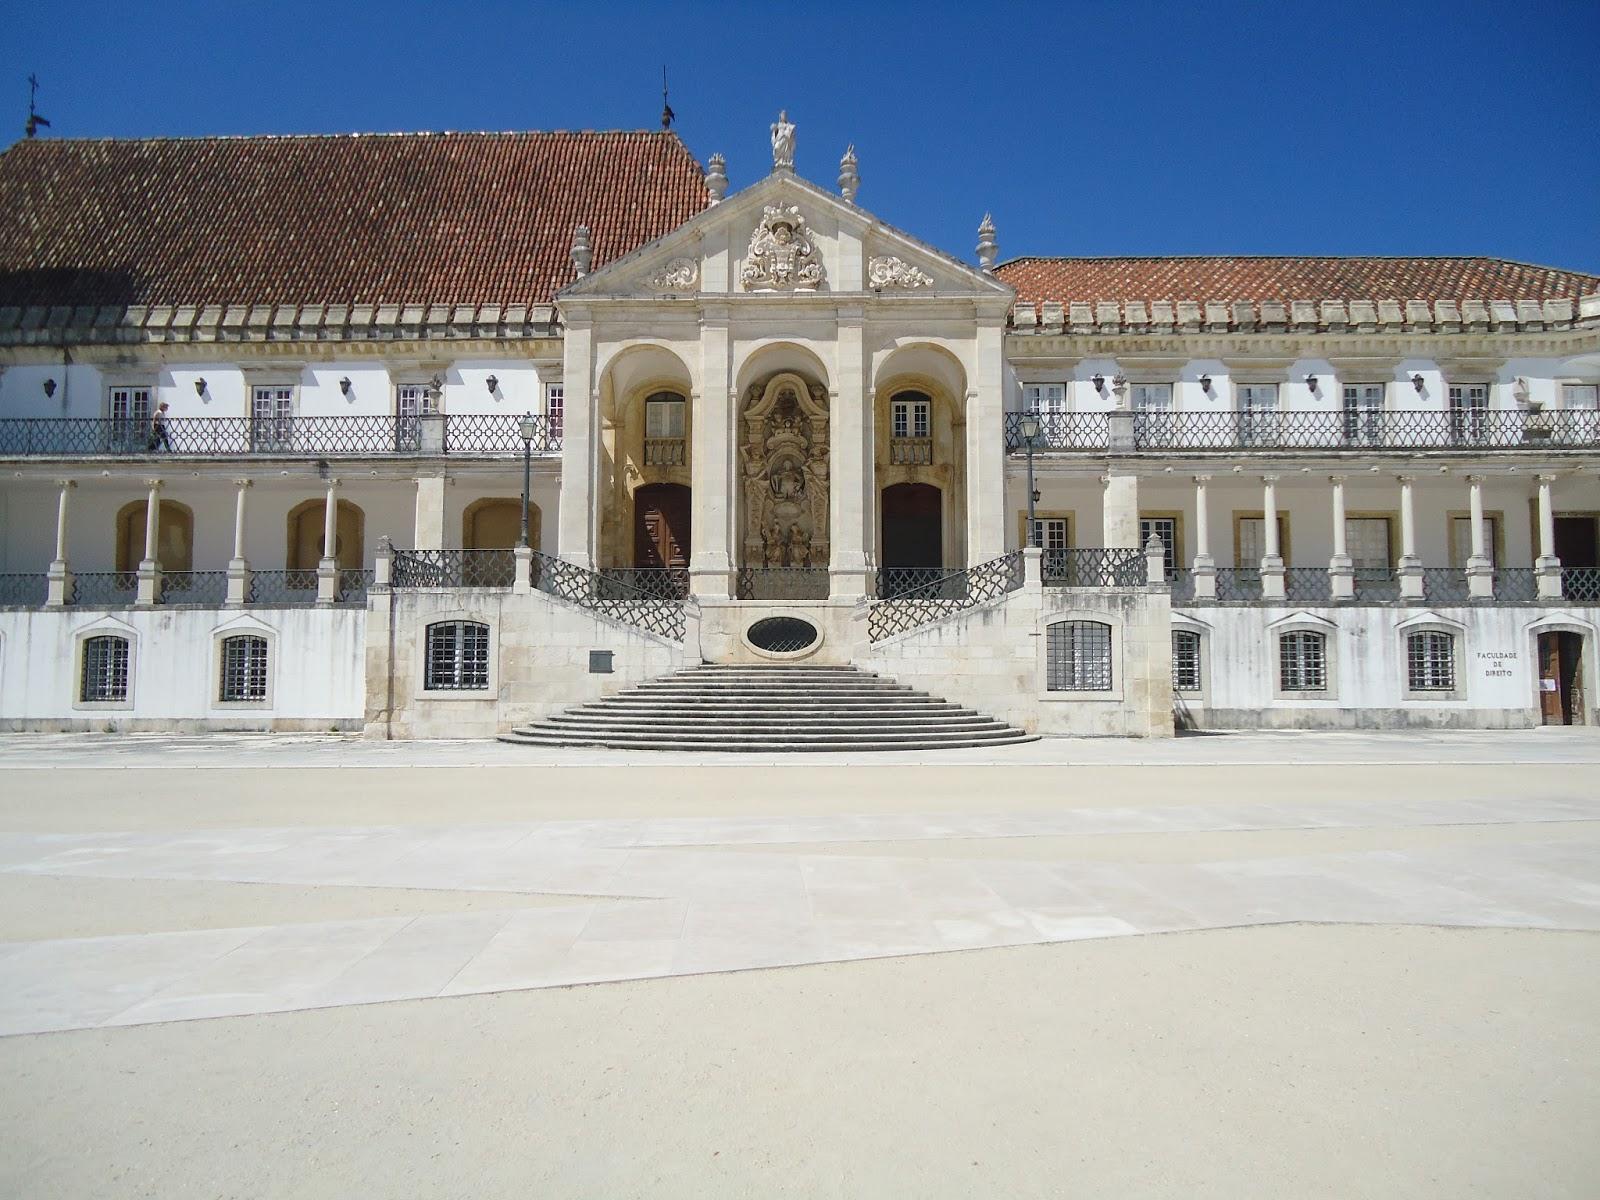 Fundada em 1290 por D. Dinis I a Universidade de Coimbra é a mais  #214F90 1600 1200